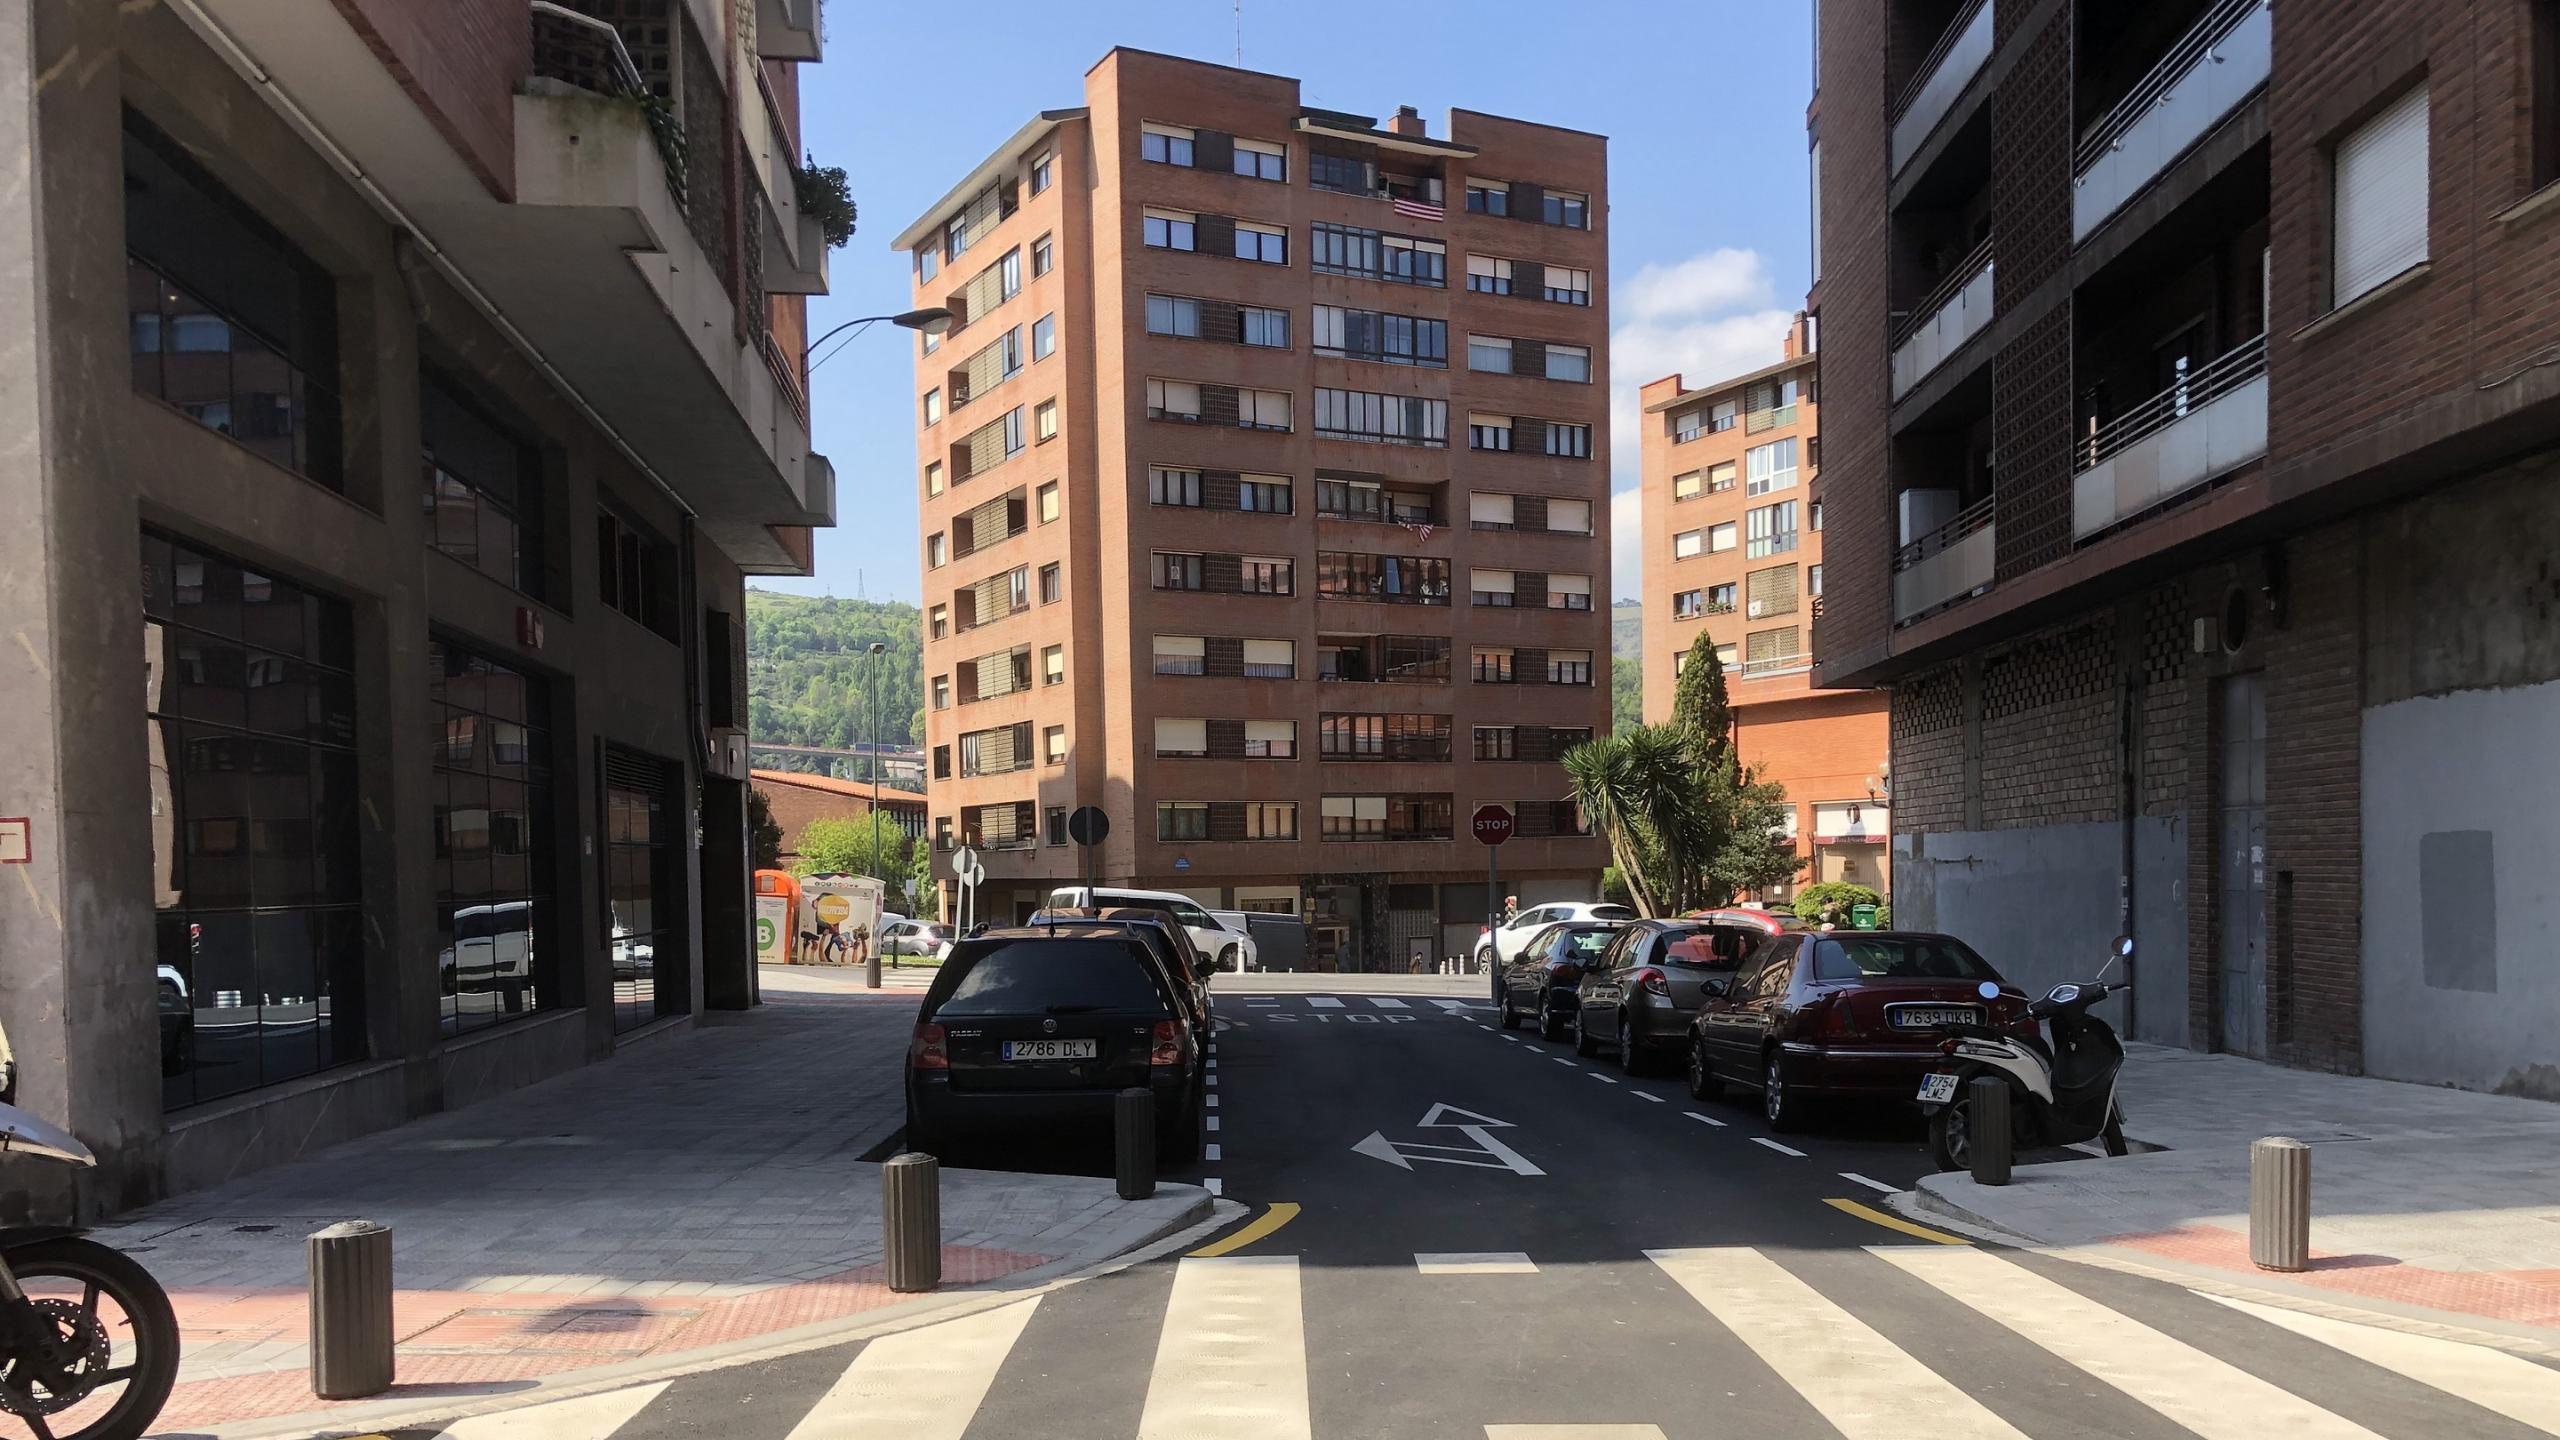 El Ayuntamiento de Bilbao finaliza las obras de reurbanización de la calle Erdikoetxe en Ibarrekolanda